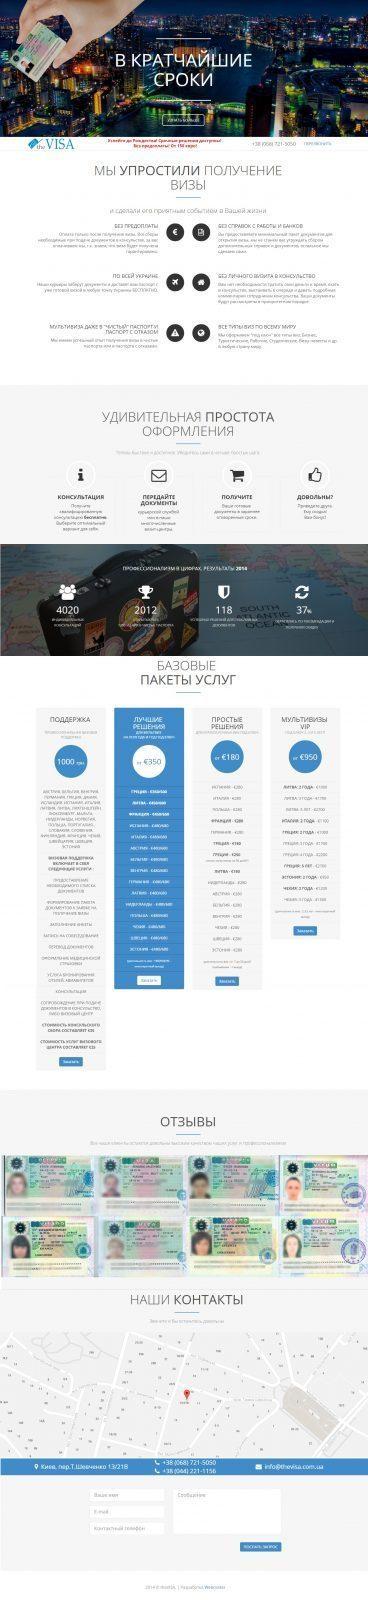 visa-screen